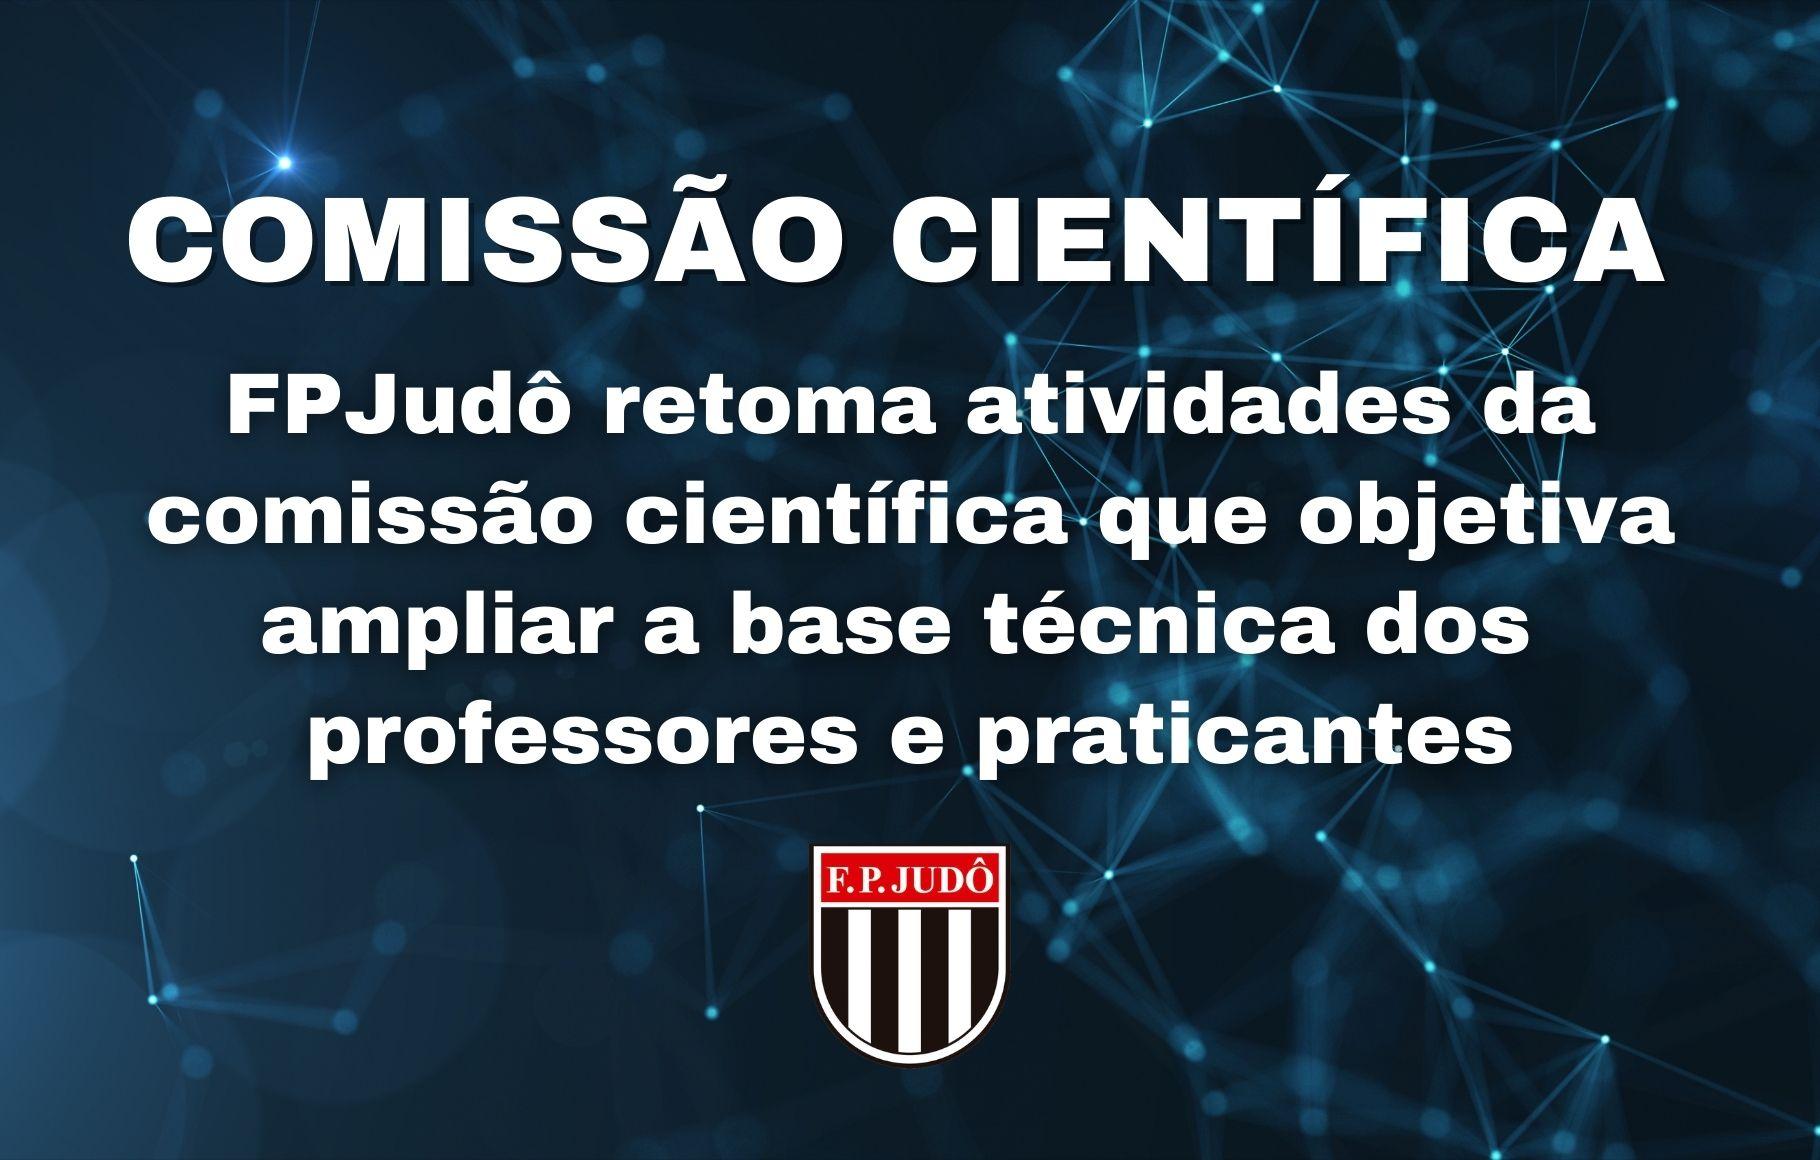 FPJudô retoma atividades da comissão científica que objetiva ampliar a base técnica dos professores e praticantes